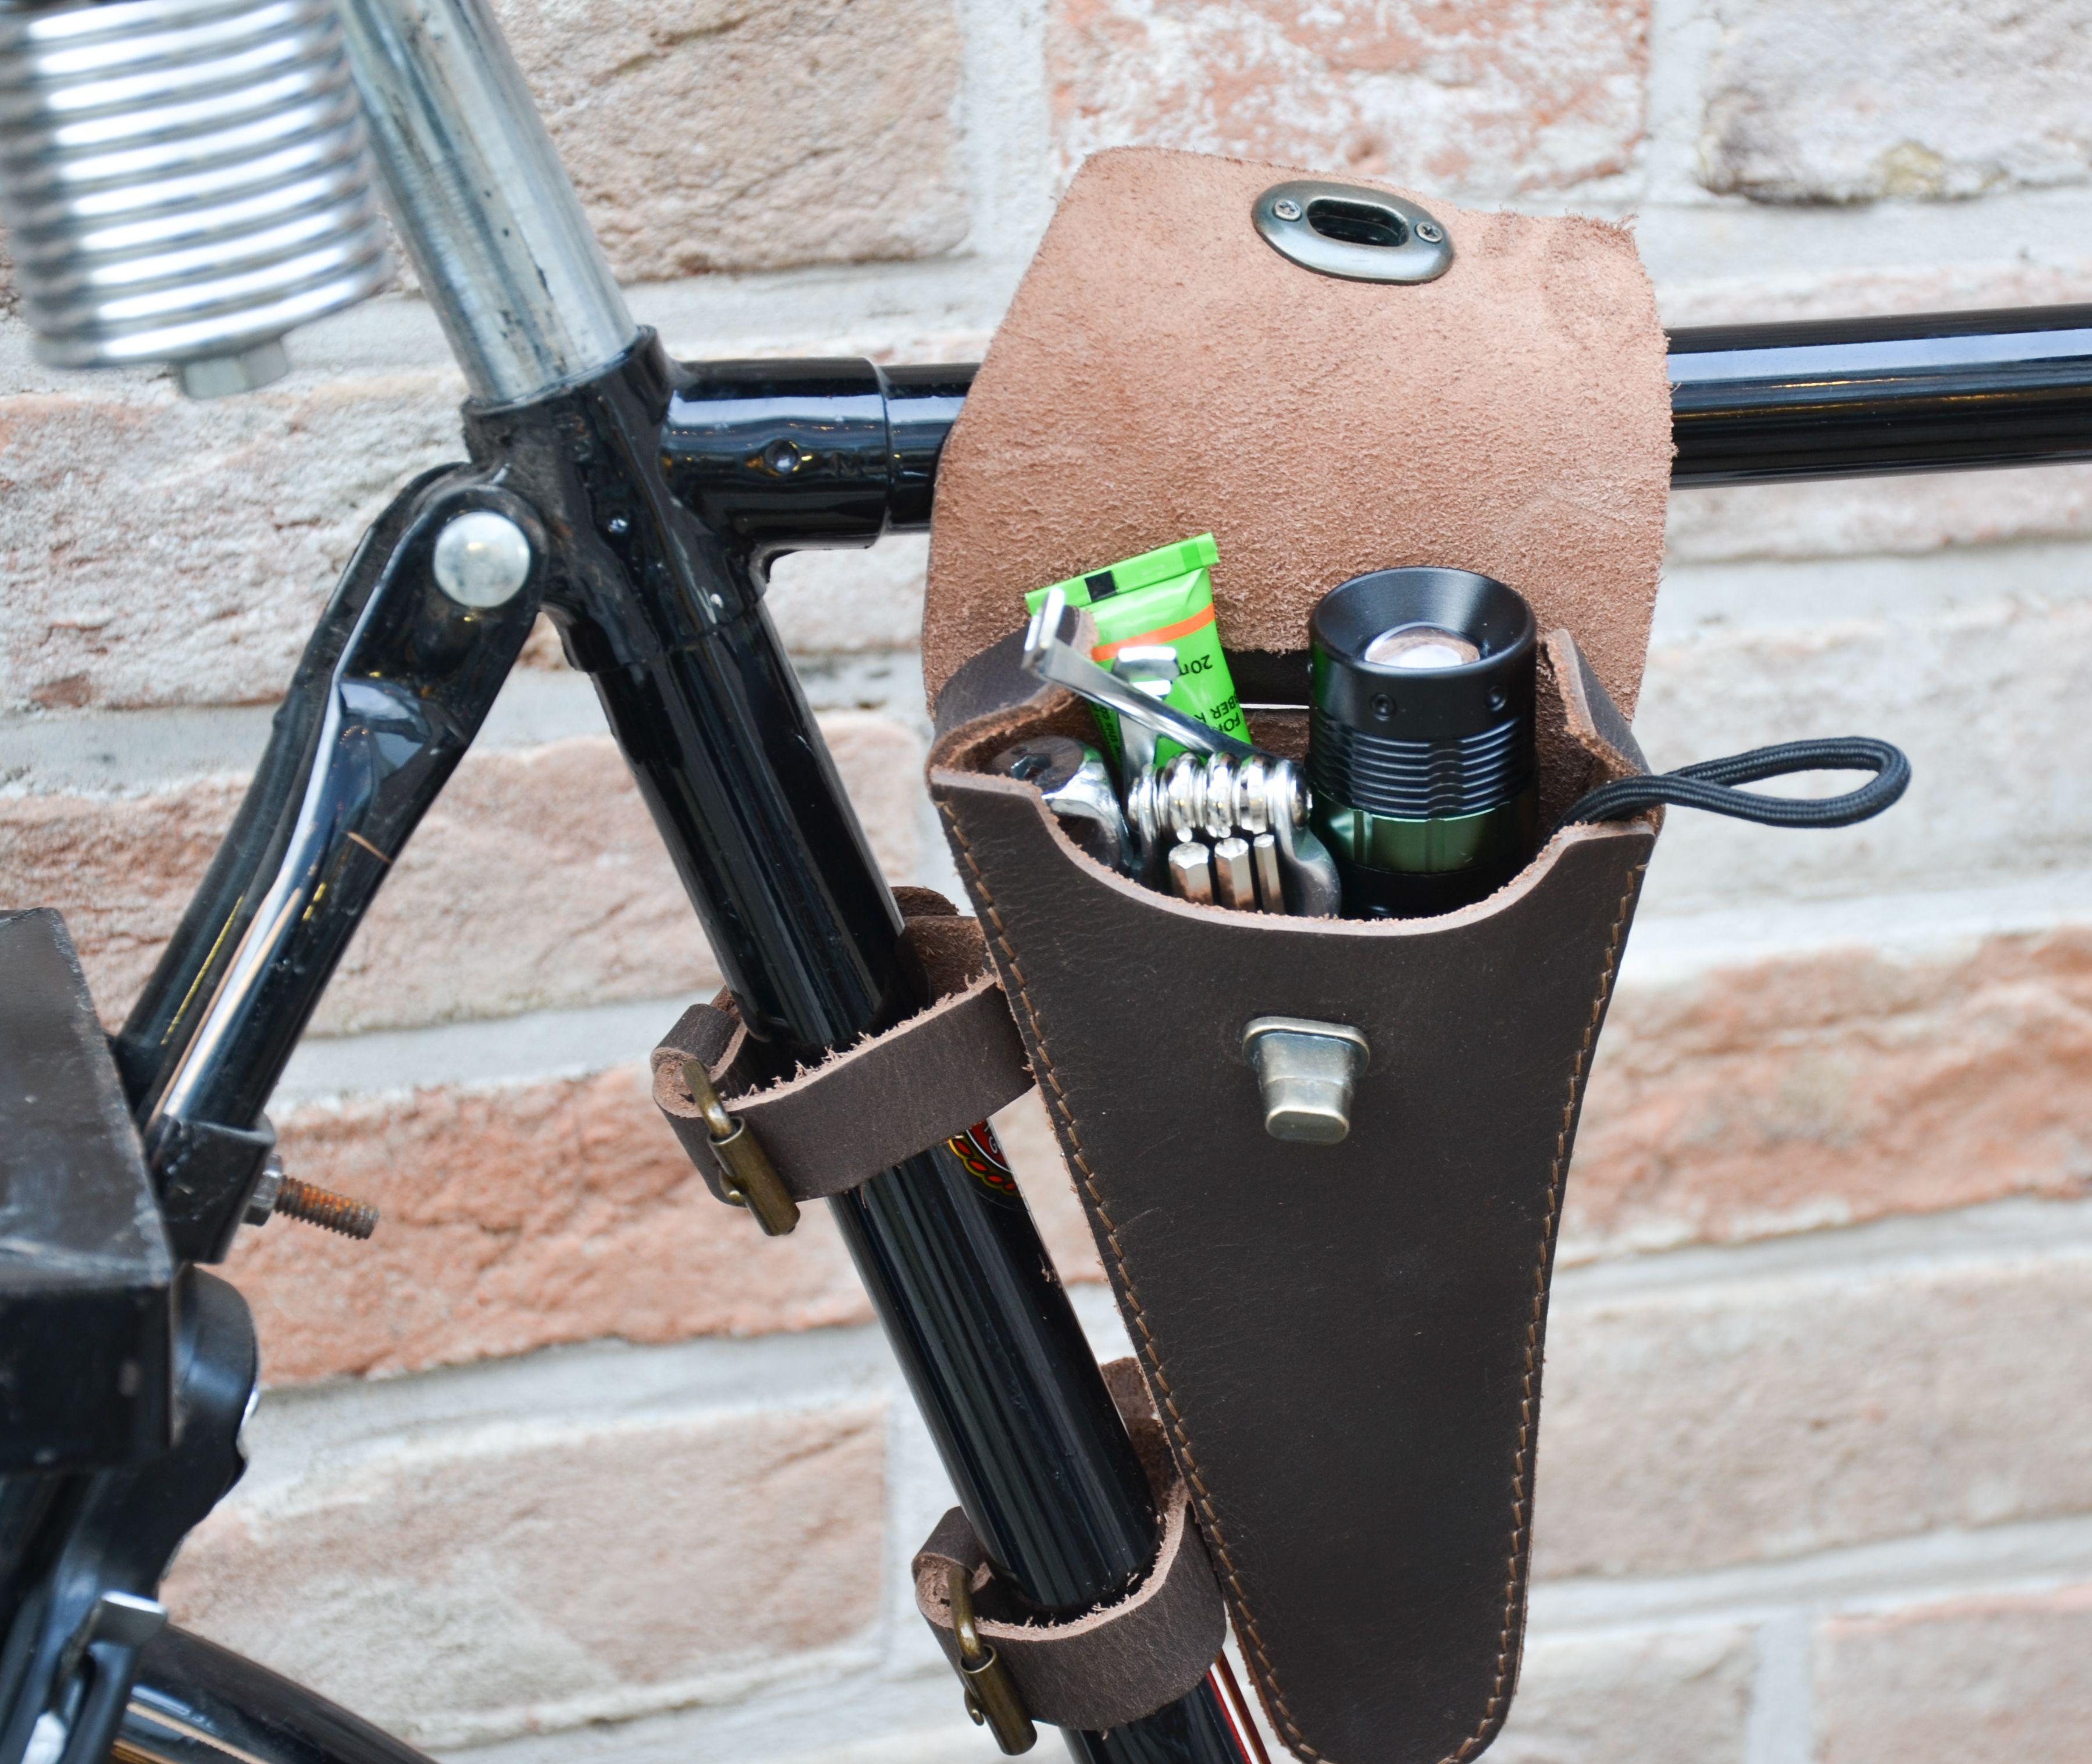 fahrradtasche klein werkzeugtasche fahrrad lenkertasche. Black Bedroom Furniture Sets. Home Design Ideas